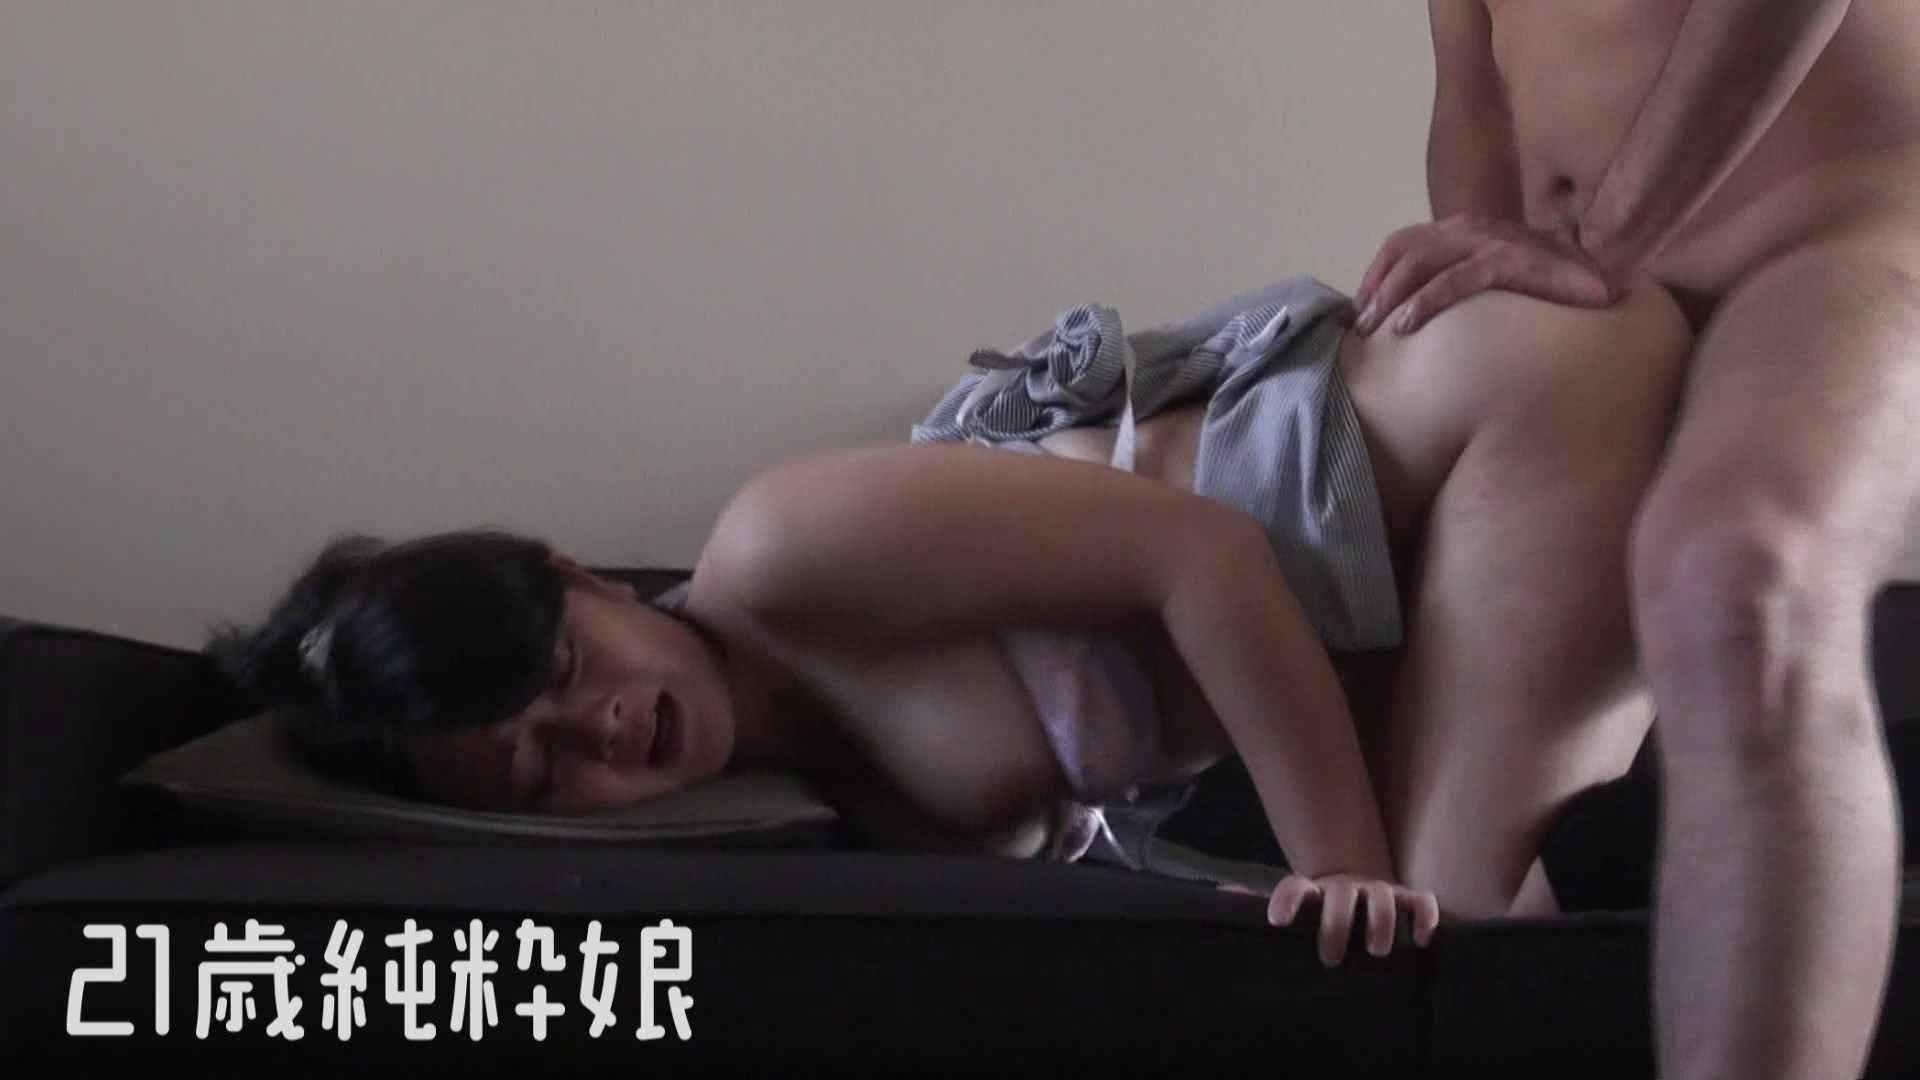 上京したばかりのGカップ21歳純粋嬢を都合の良い女にしてみた3 フェラ  110連発 44